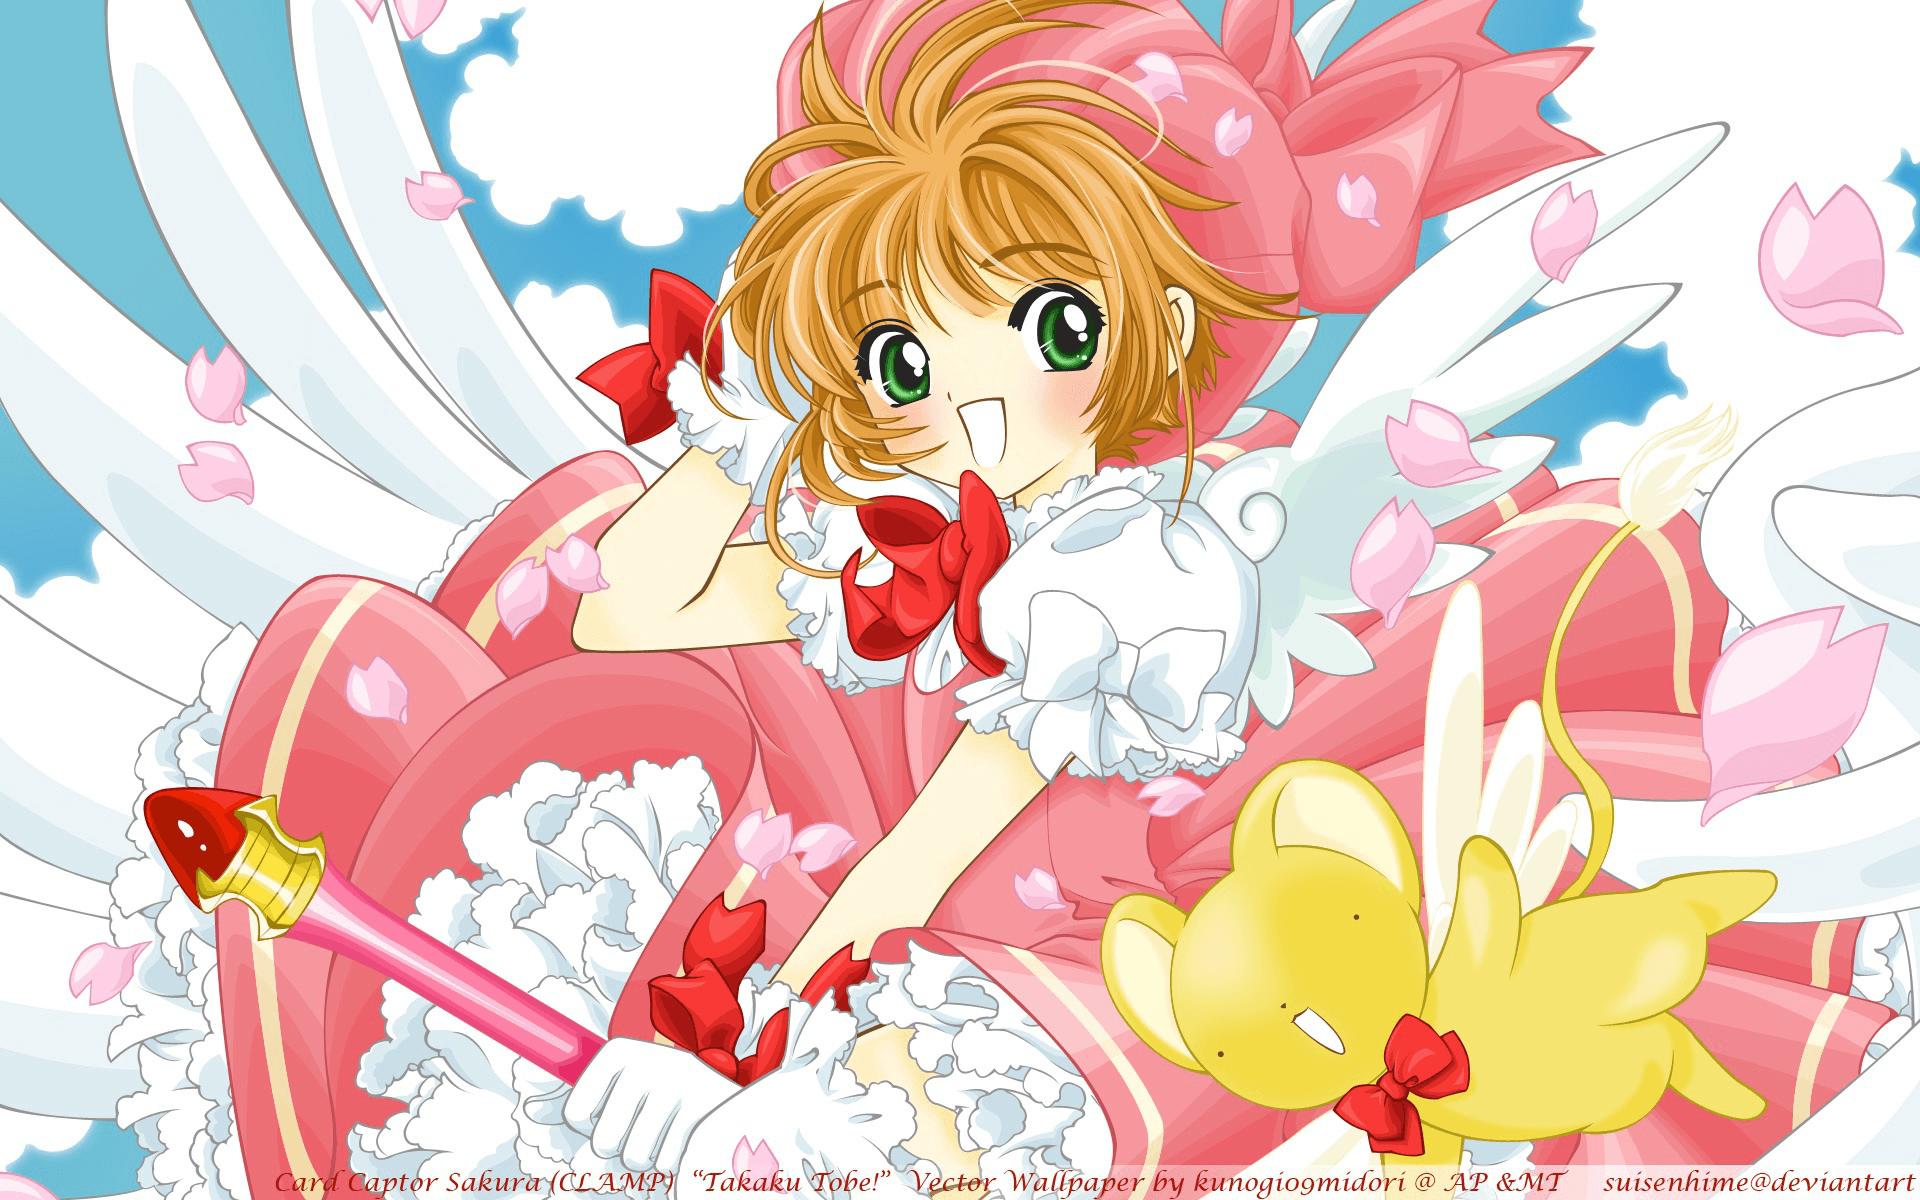 Hình ảnh Sakura với đôi cánh thiên thần đẹp